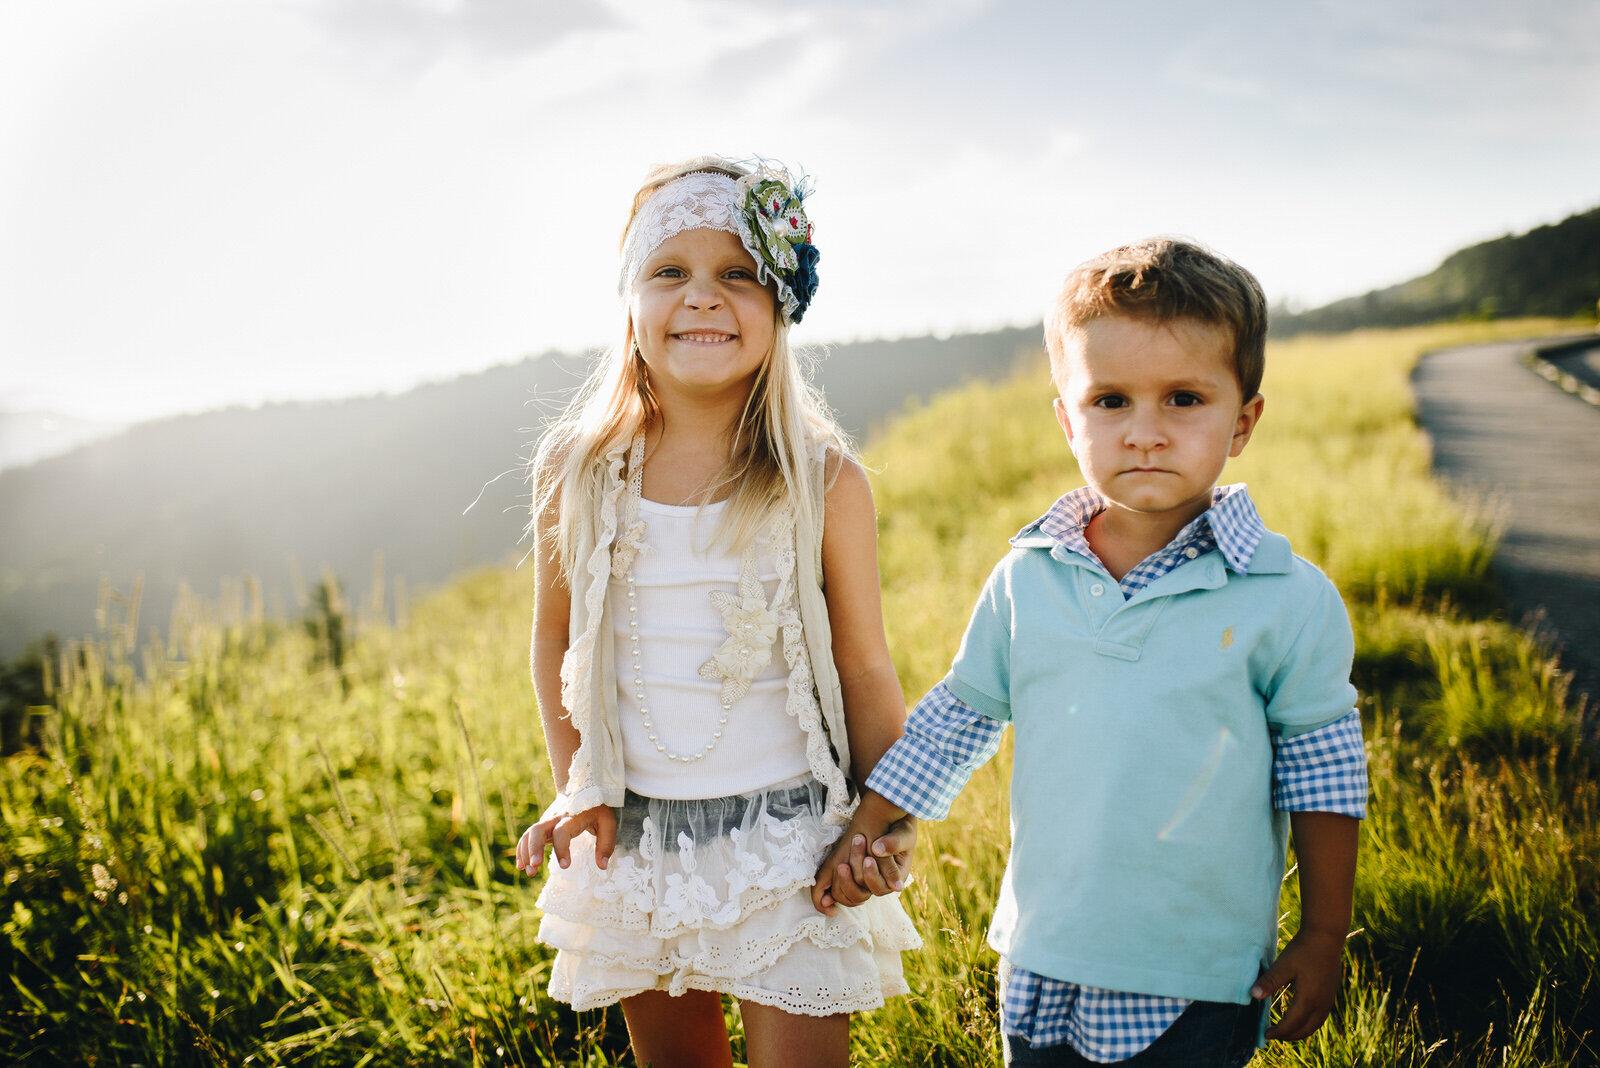 Mountain-top-family-photos-asheville-nc (11 of 1).jpg